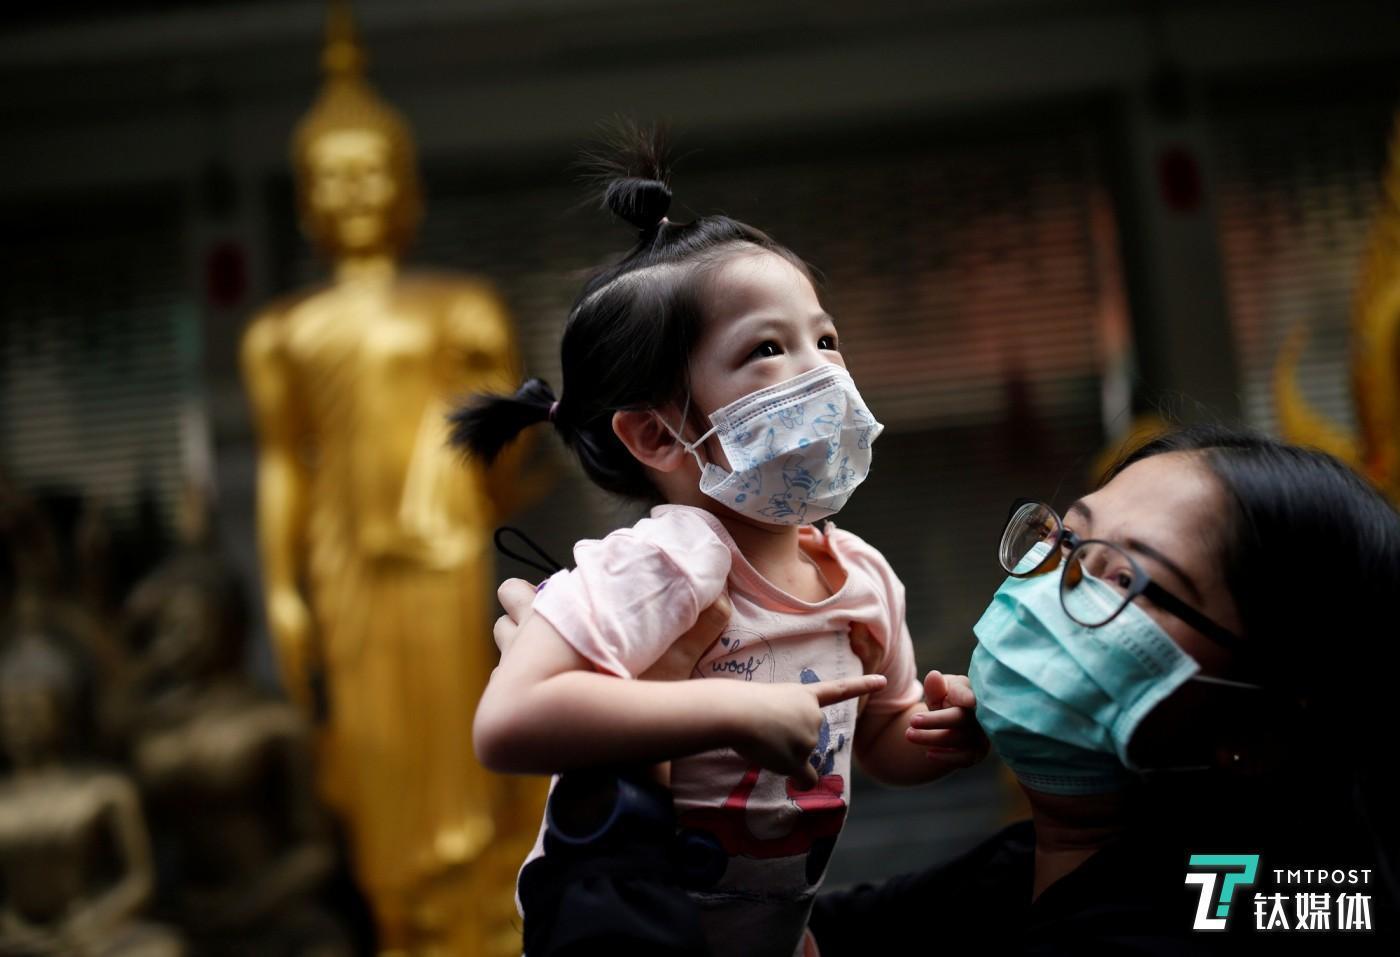 《柳叶刀》:新冠病毒不会母婴传播,但不排除母子接触传染